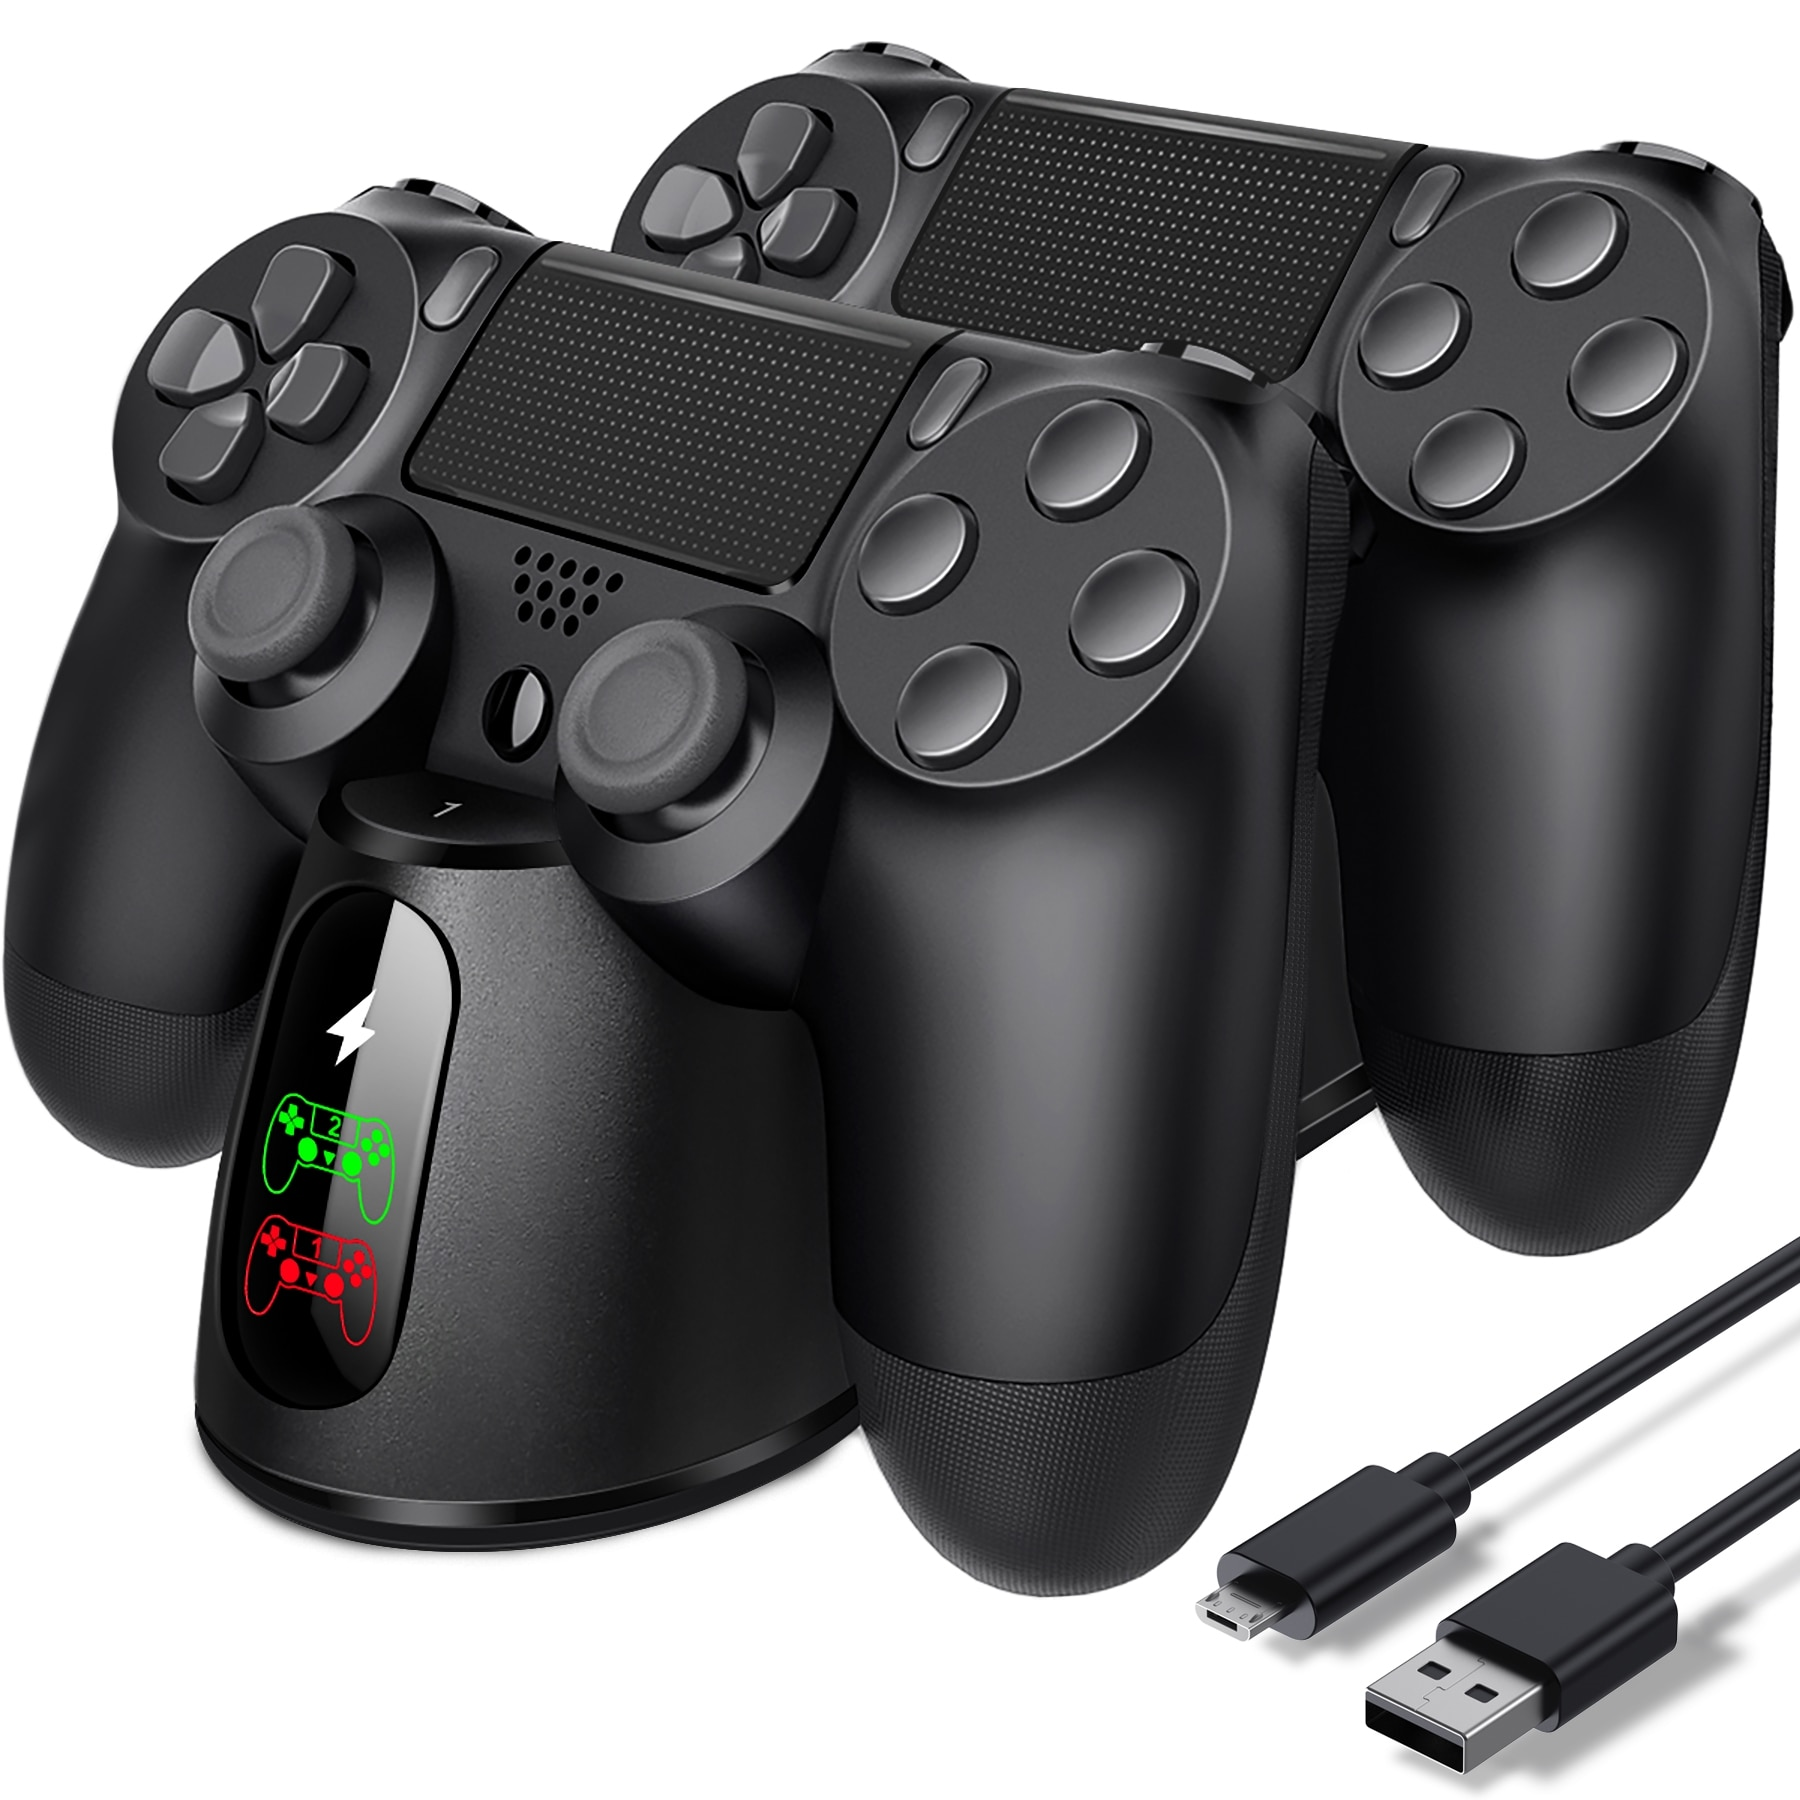 BEBONCOOL контроллер зарядное устройство Dualsense док-станция для PS4 зарядная станция для DualShock 4/Playstation 4/PS4/ Pro /PS4 тонкий контроллер